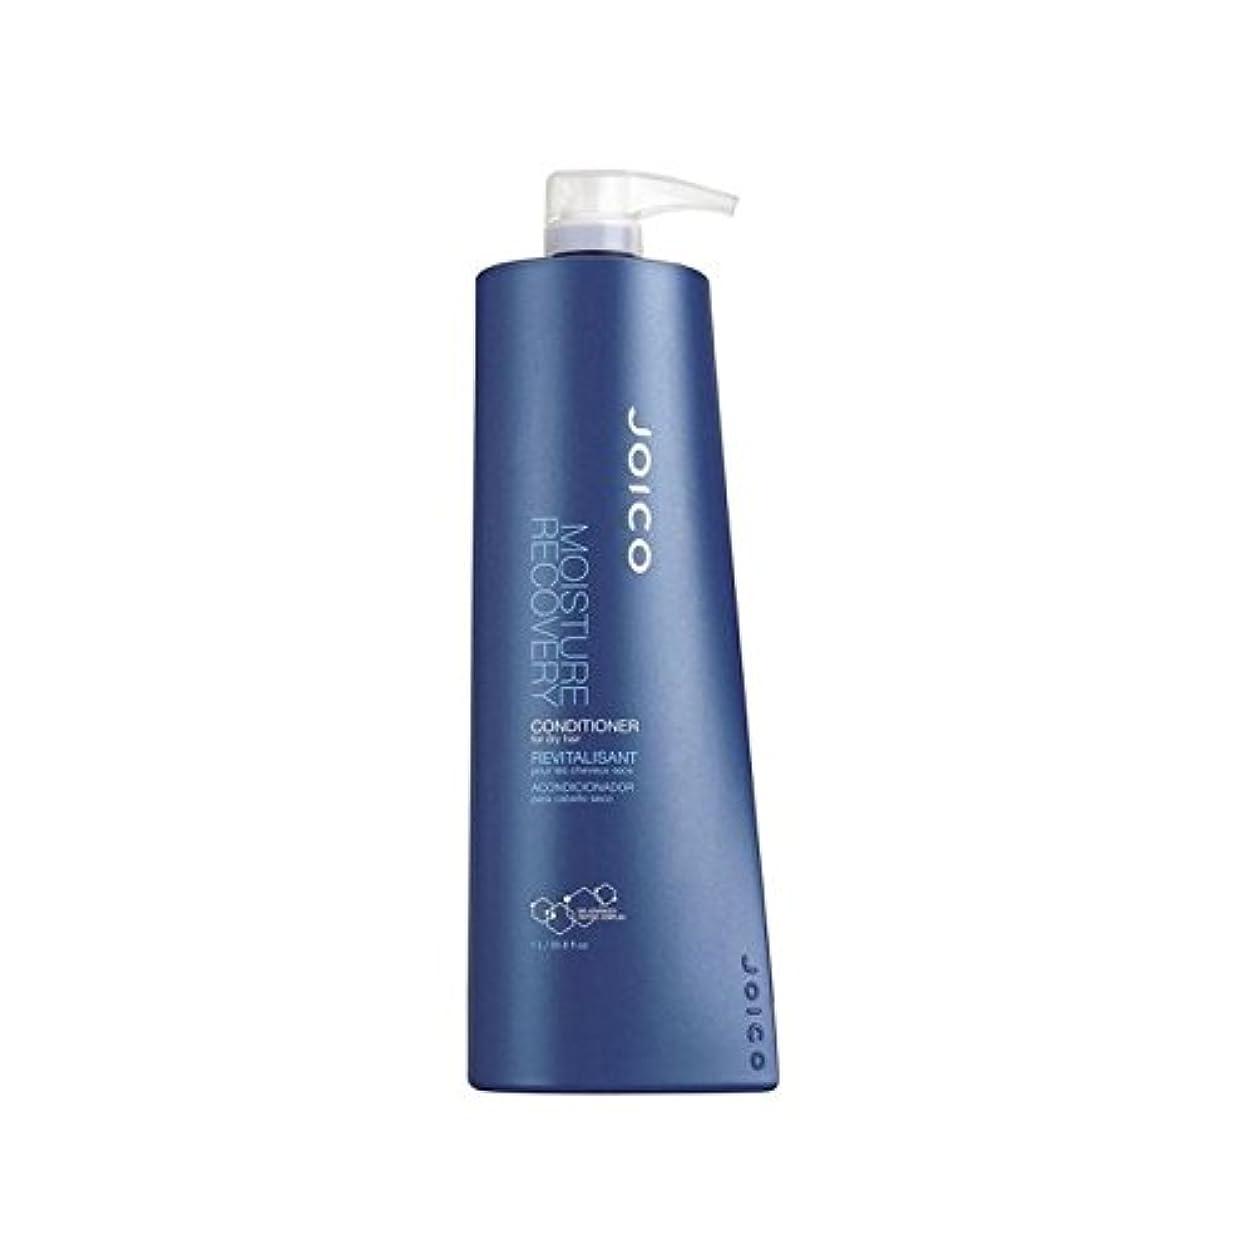 全能電子ボリューム乾いた髪用ジョイコ水分回復コンディショナー(千ミリリットル) x2 - Joico Moisture Recovery Conditioner For Dry Hair (1000ml) (Pack of 2) [並行輸入品]